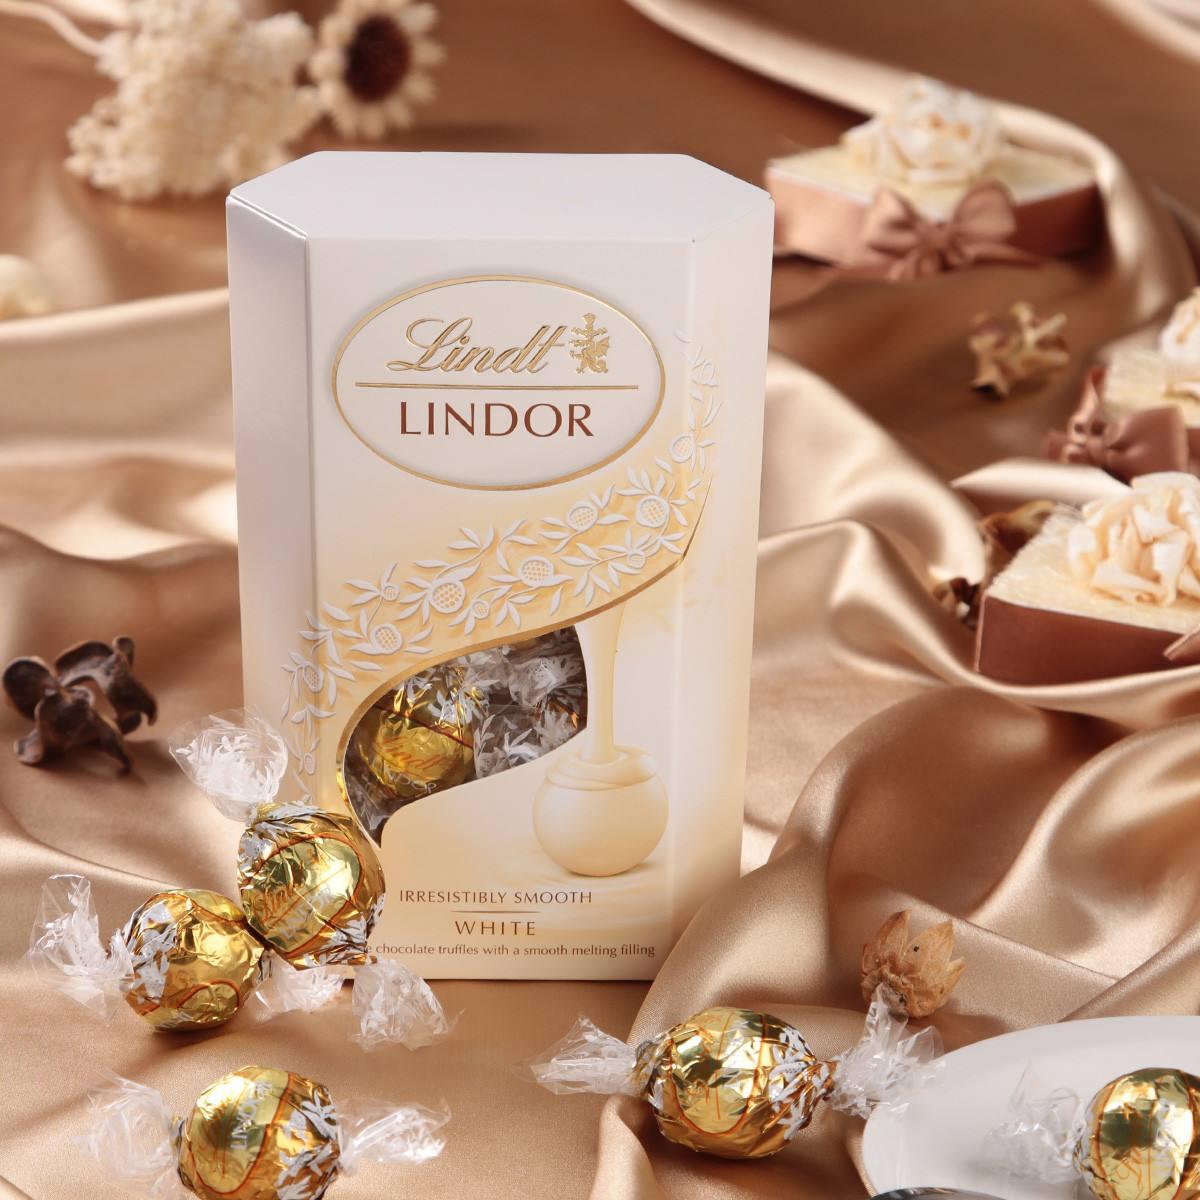 心之巧克力_senz巧克力怎么样  第2张